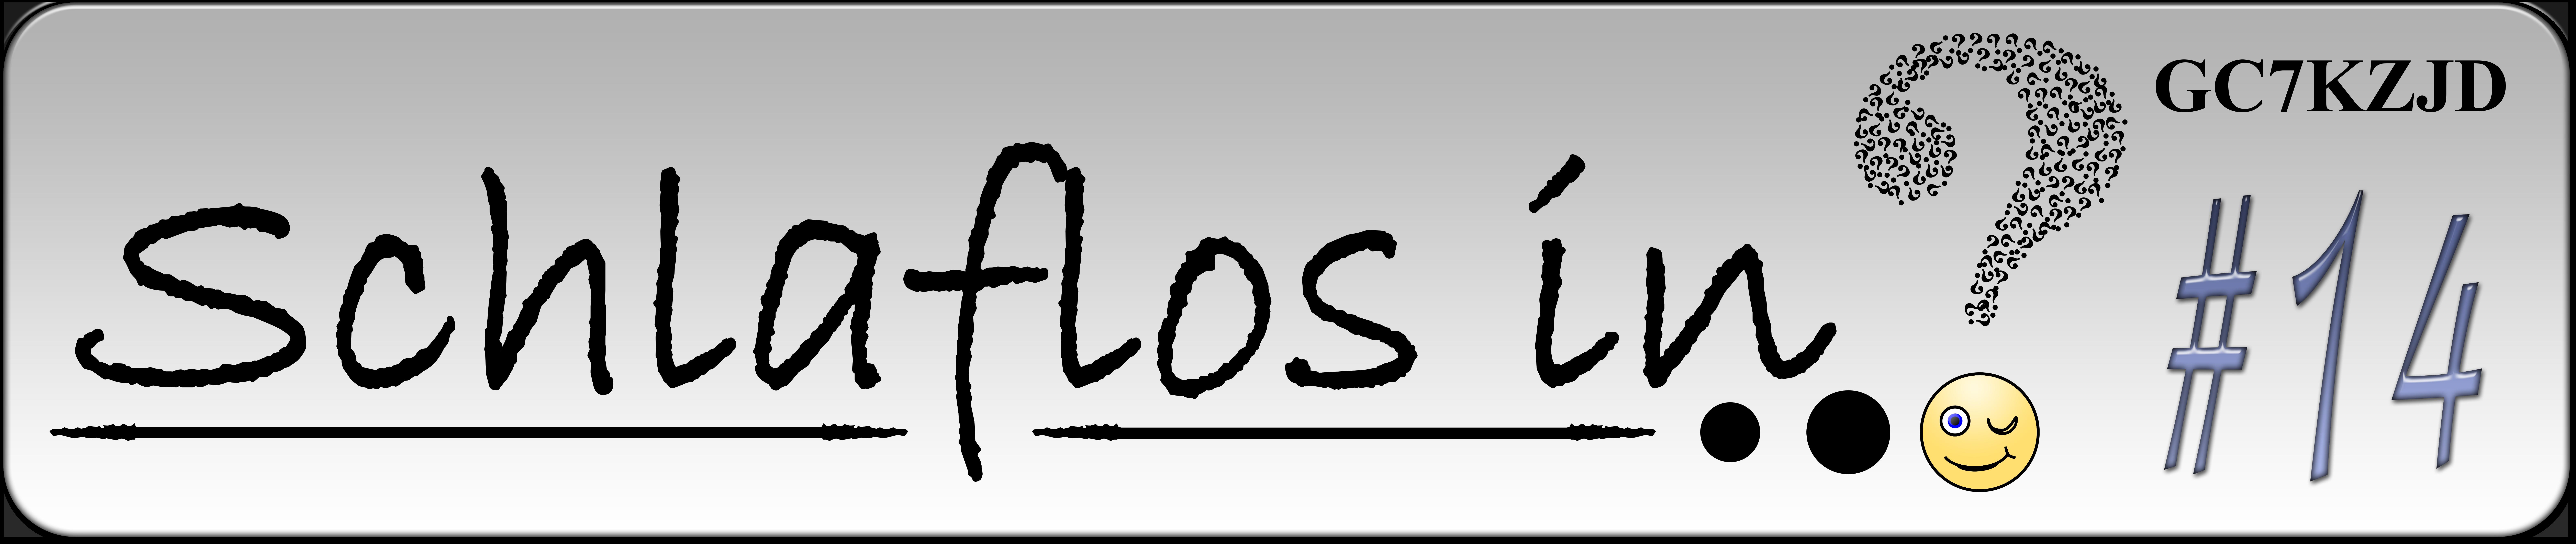 Schlaflos In Logo #14